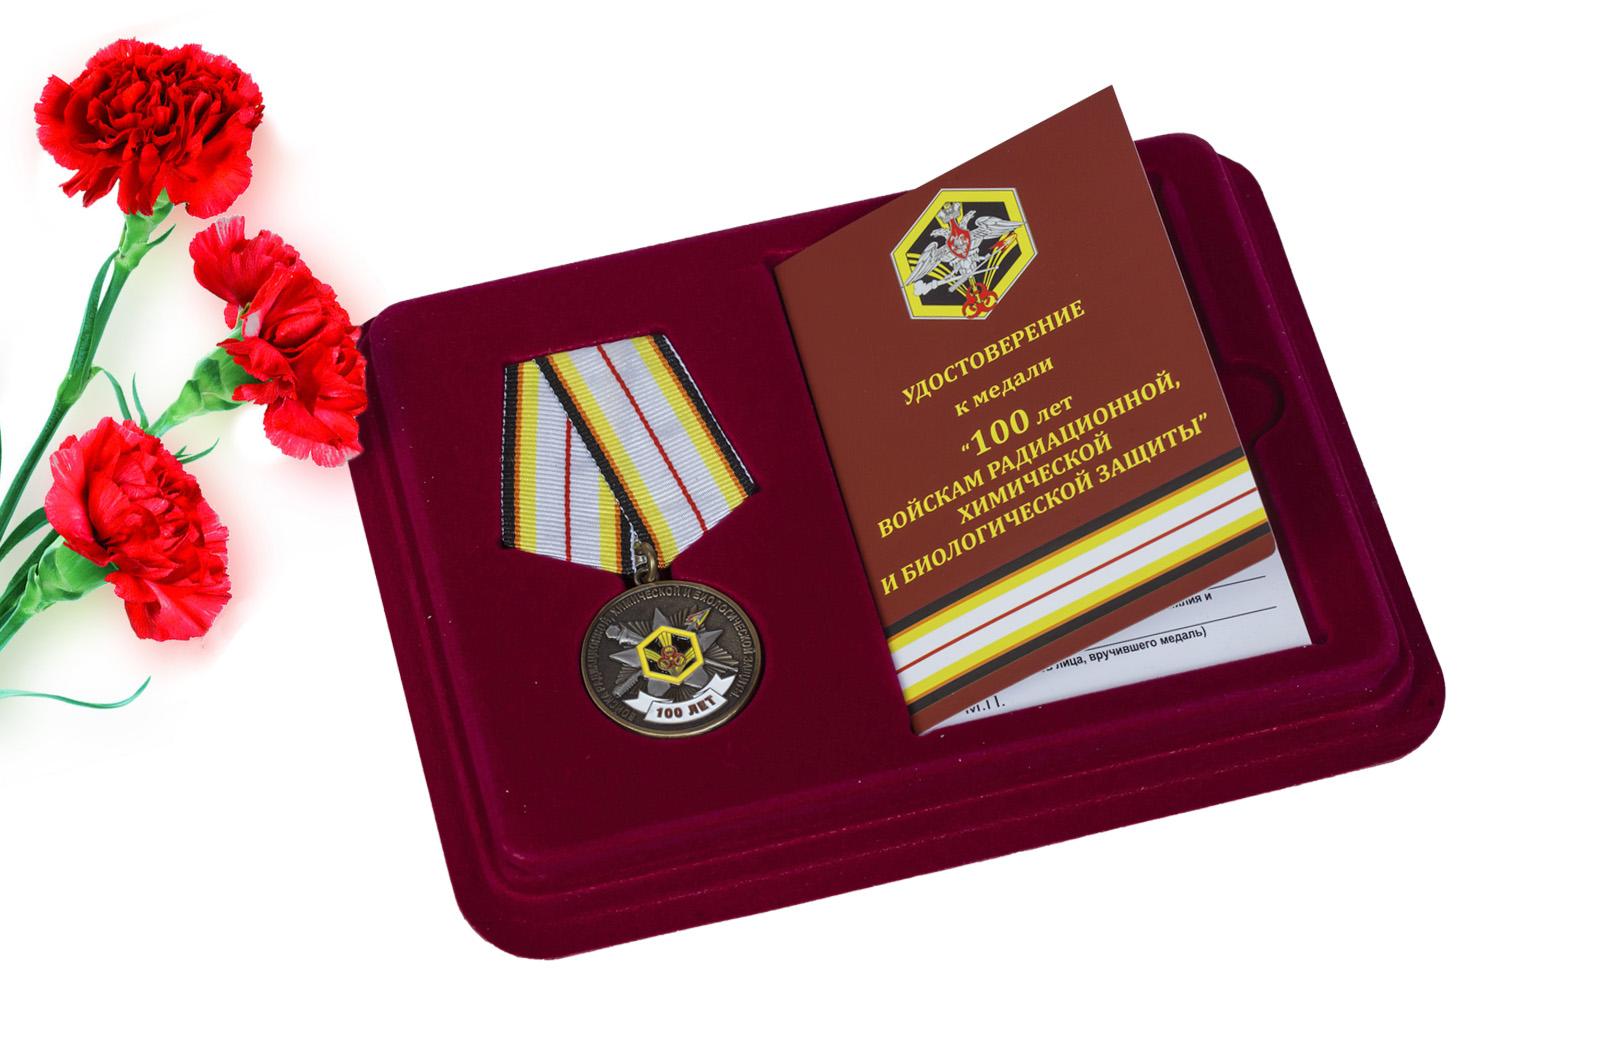 Купить юбилейную медаль 100 лет Войскам Радиационной, химической и биологической защиты оптом